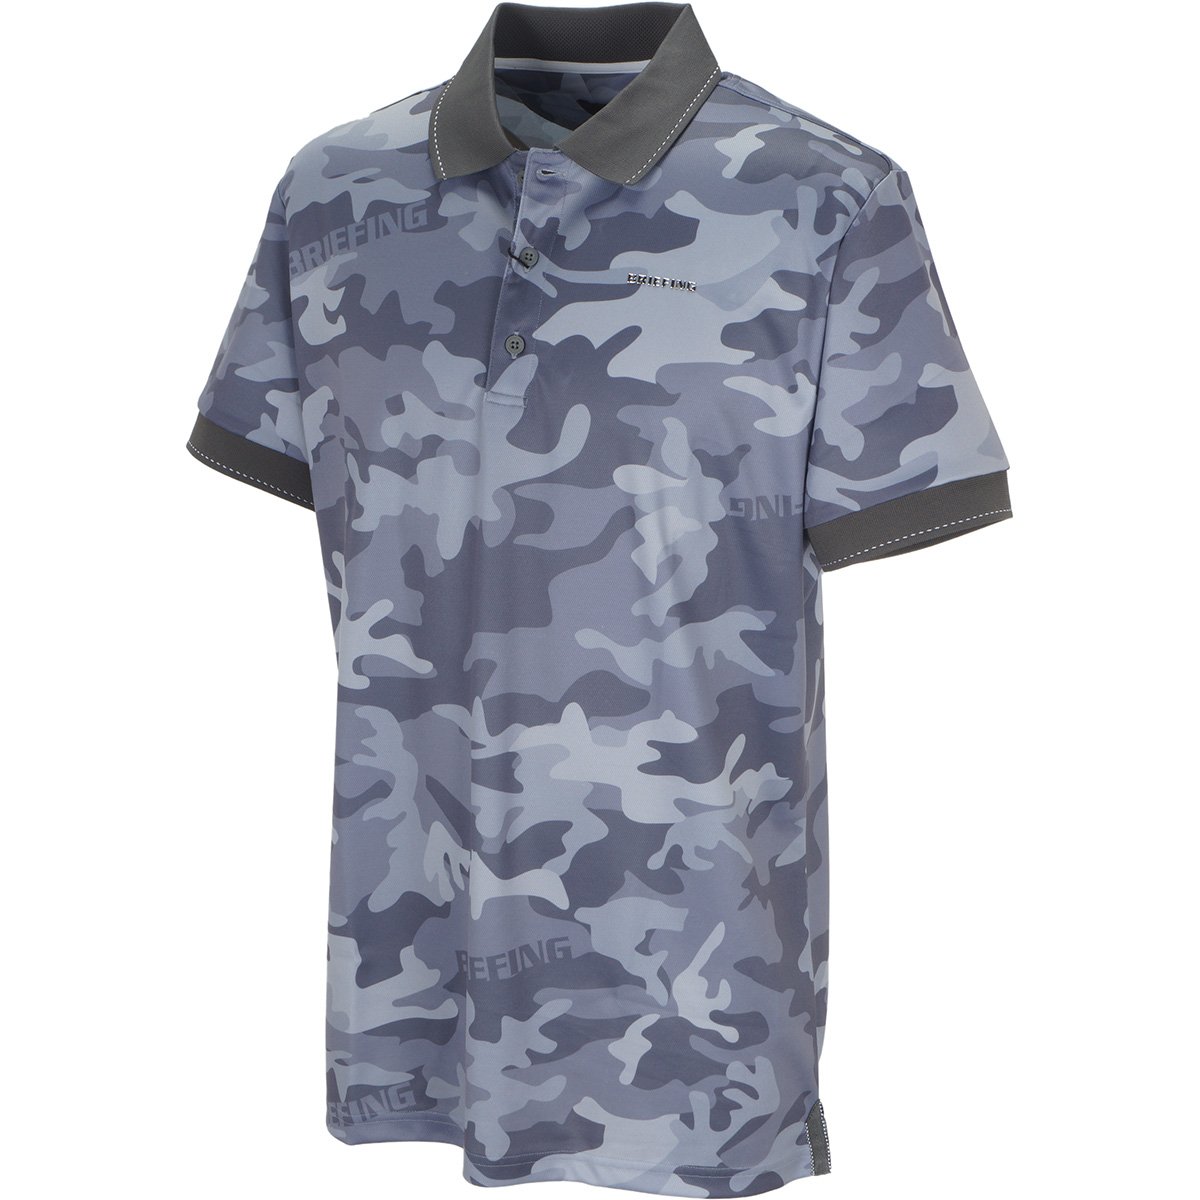 カモプリント 半袖ポロシャツ